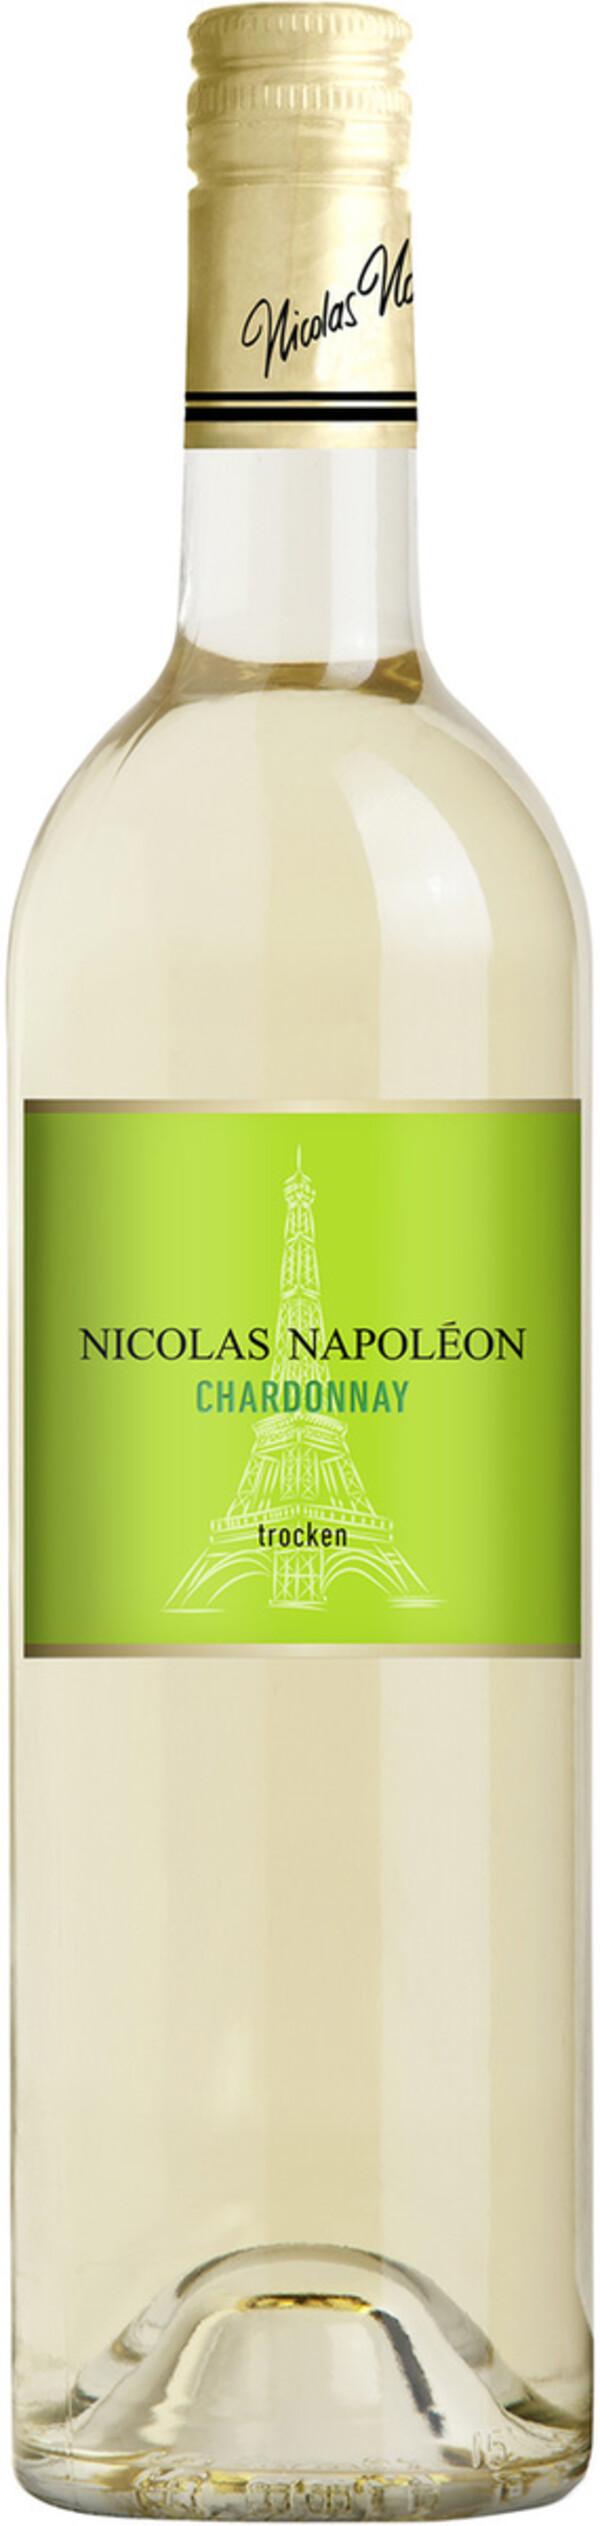 Nicolas Napoléon Chardonnay trocken 2018 0,75L